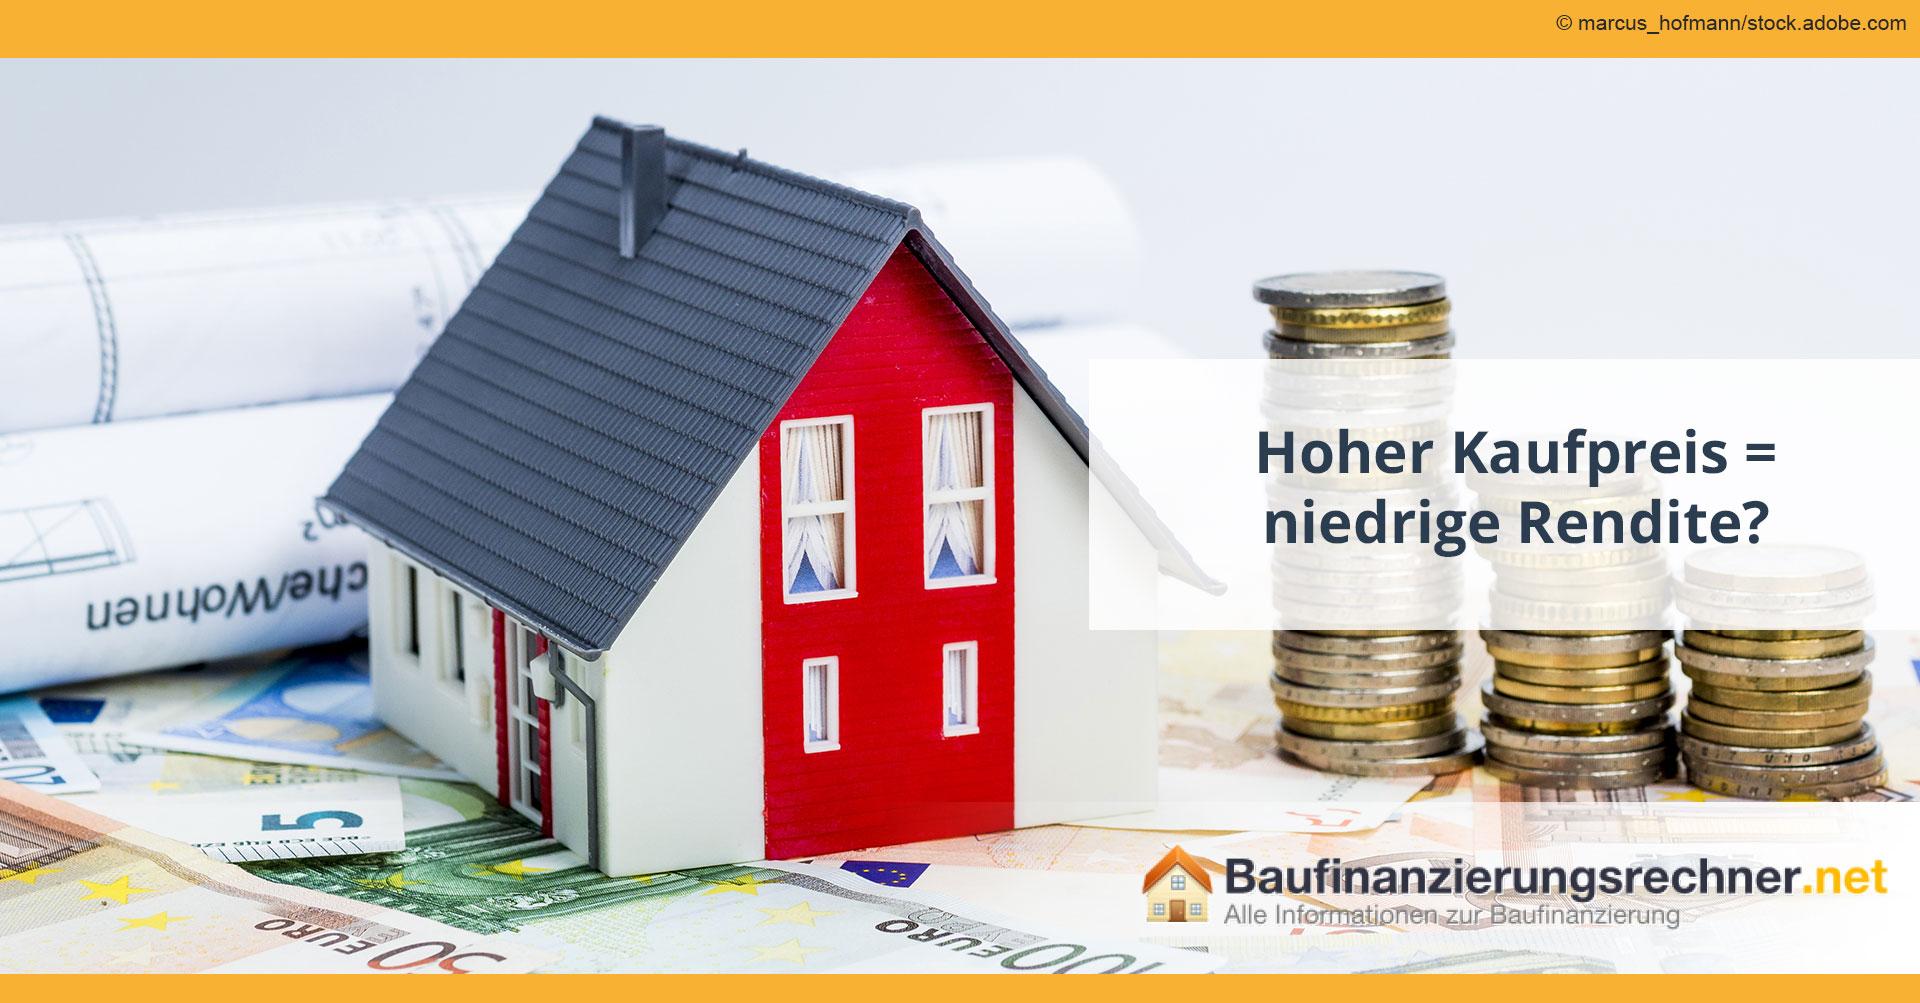 Hoher Kaufpreis, niedrige Rendite - unser Immobilienratgeber